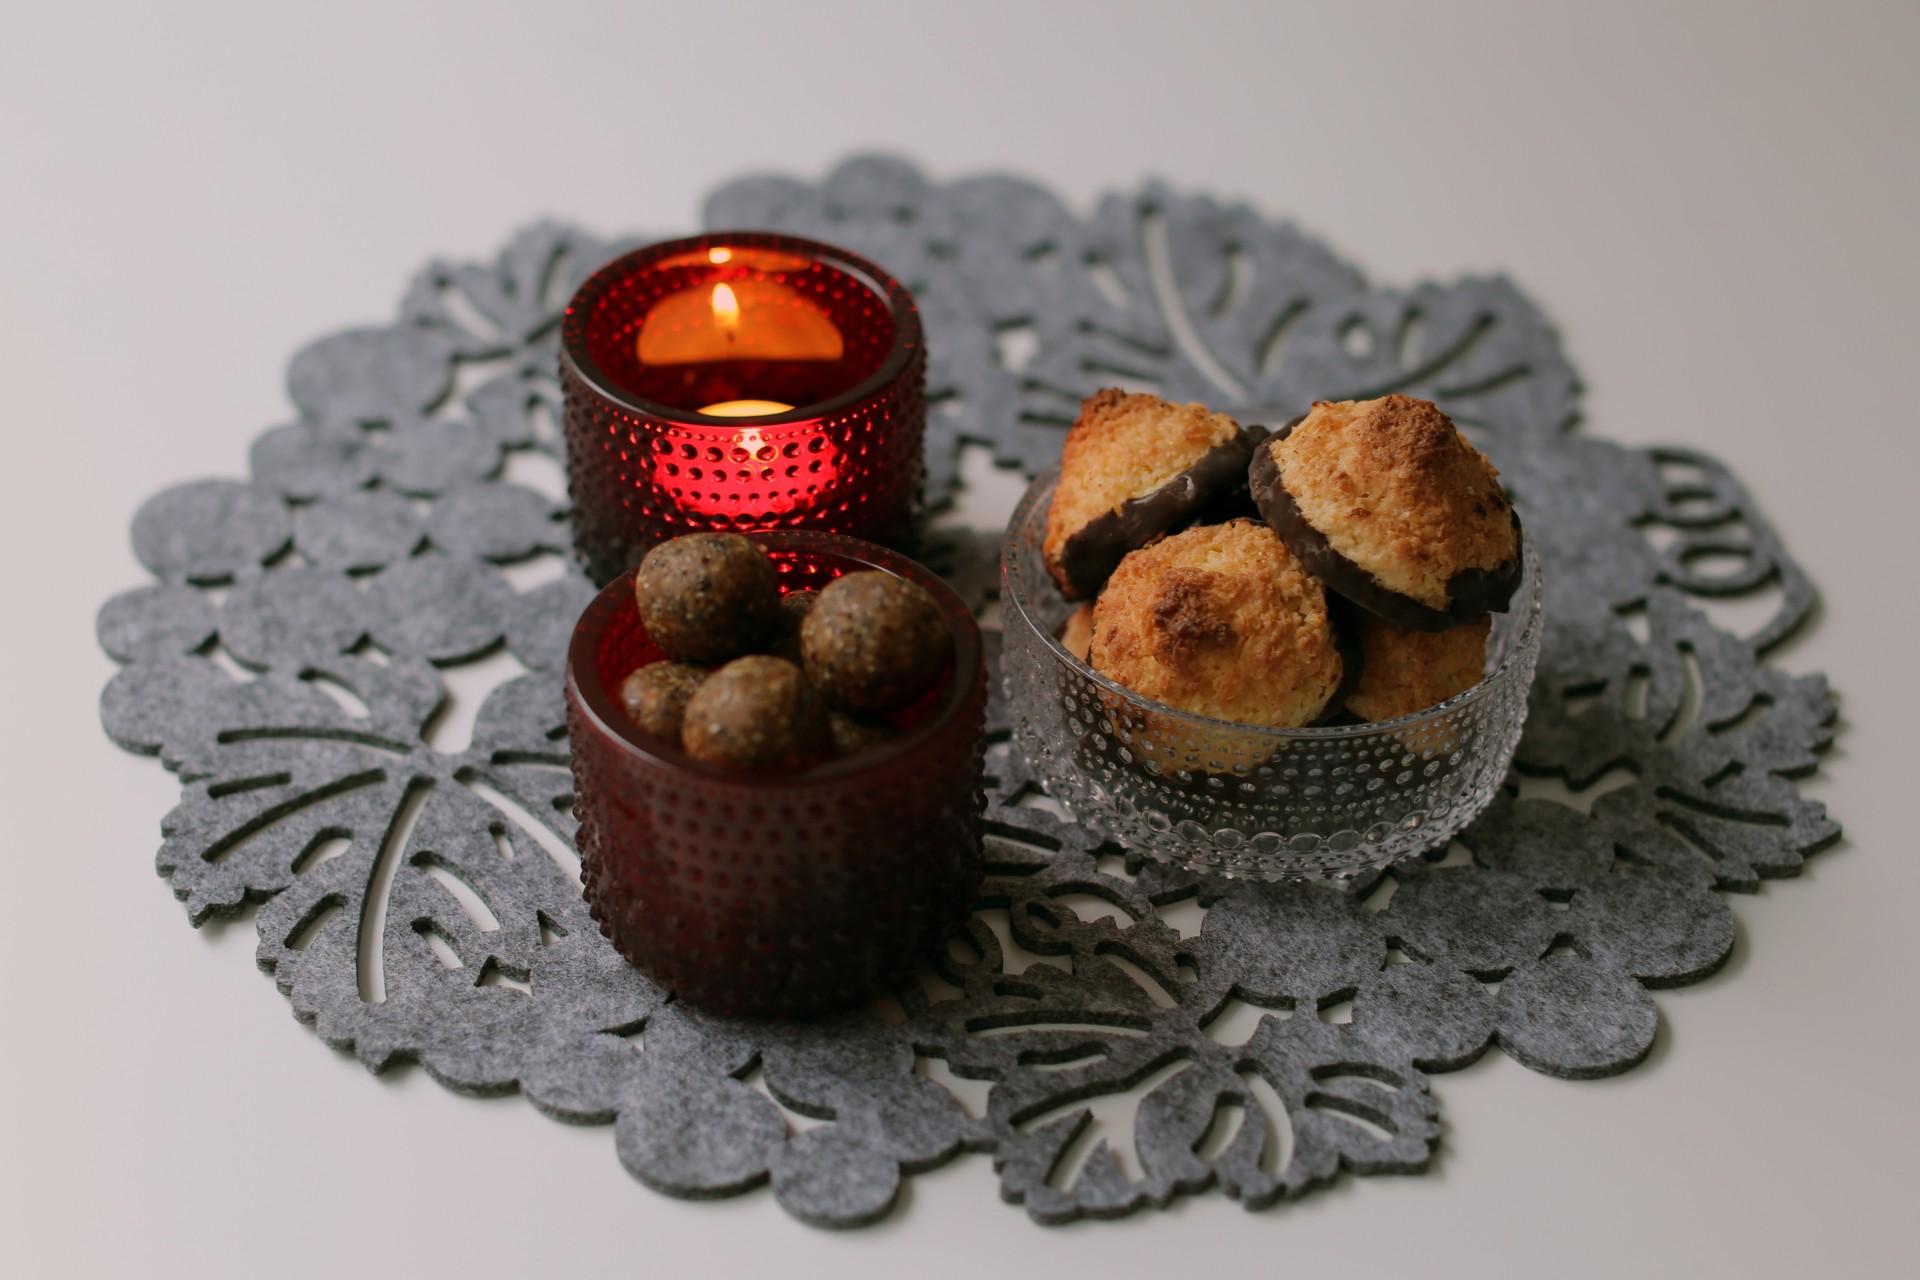 Maapähkinä-kaurapallot sopivat uudenvuoden cocktailpaloiksi Kastehelmi-sarjan astiat ovat ihanan ajattomia.